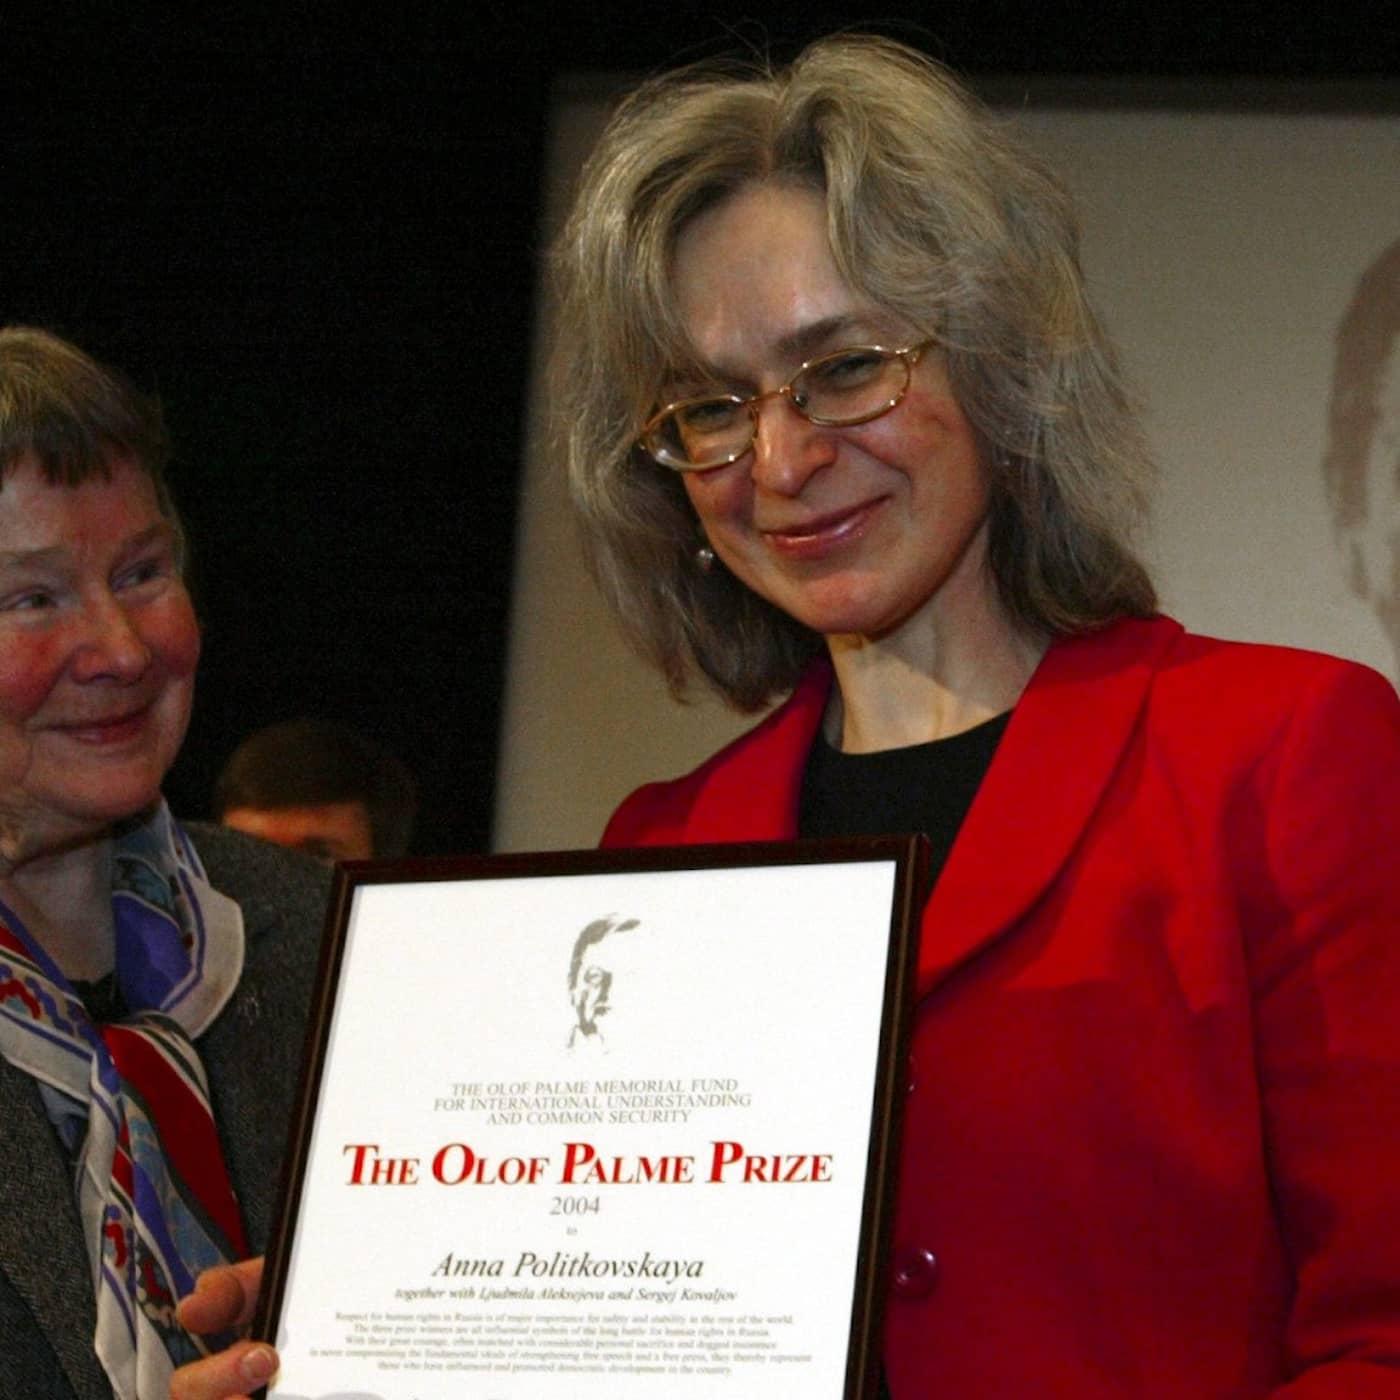 SVT gick med på ministerns debattkrav, Hur påverkades Vrångö av coronarapporteringen? Sommarserien: Mordet på Anna Politkovskaja